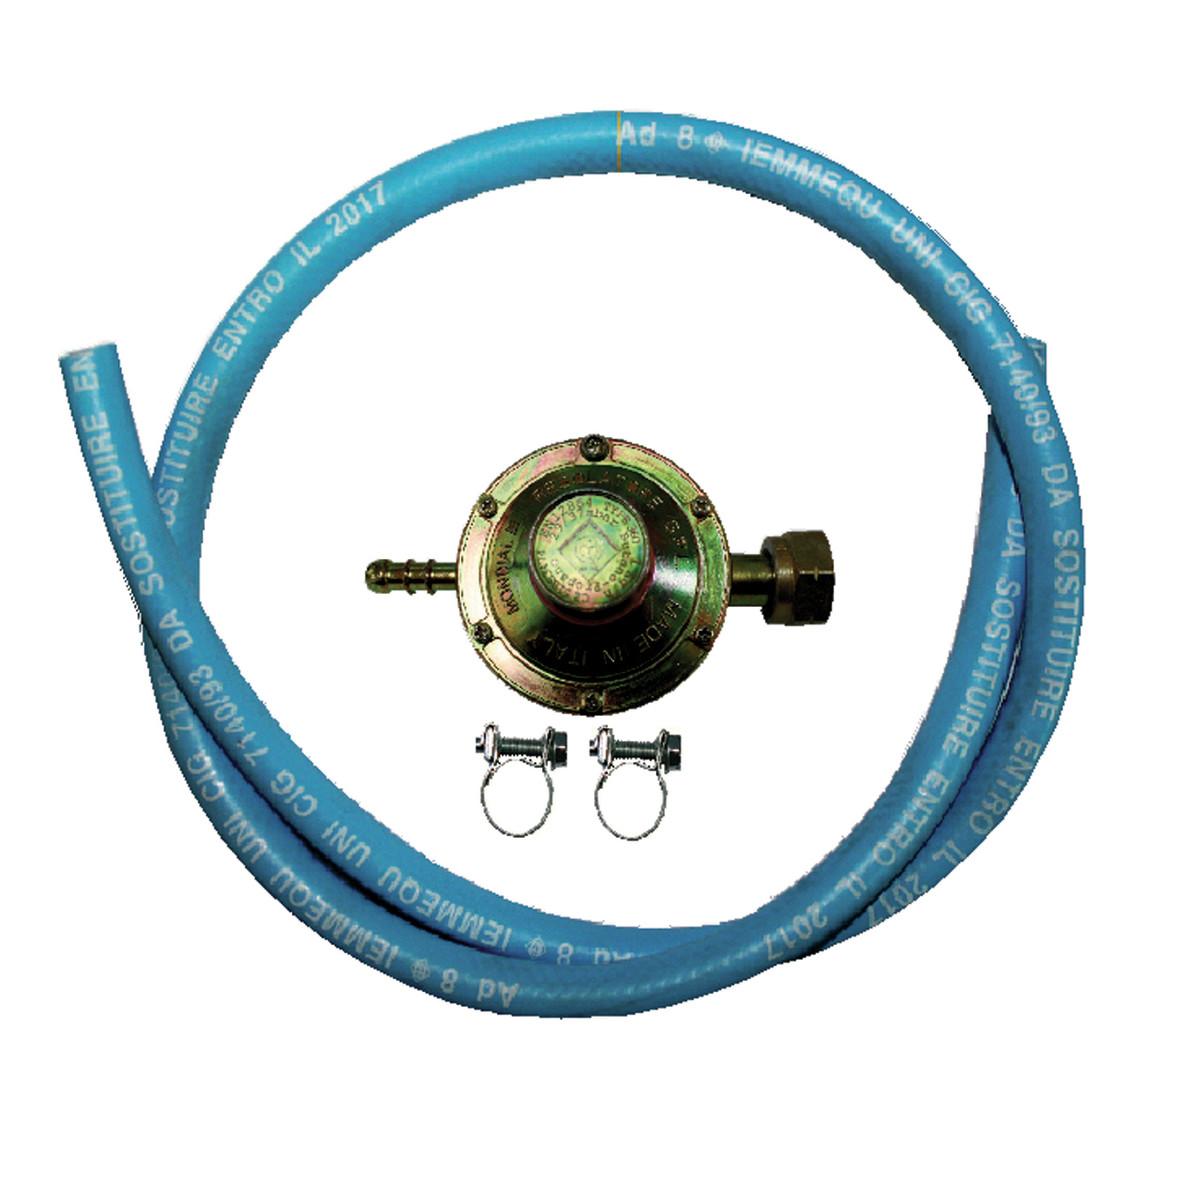 Miglior termoventilatore gas gpl prezzo offerte opinioni recensioni sconti ebay kelkoo for Cucine glem gas opinioni